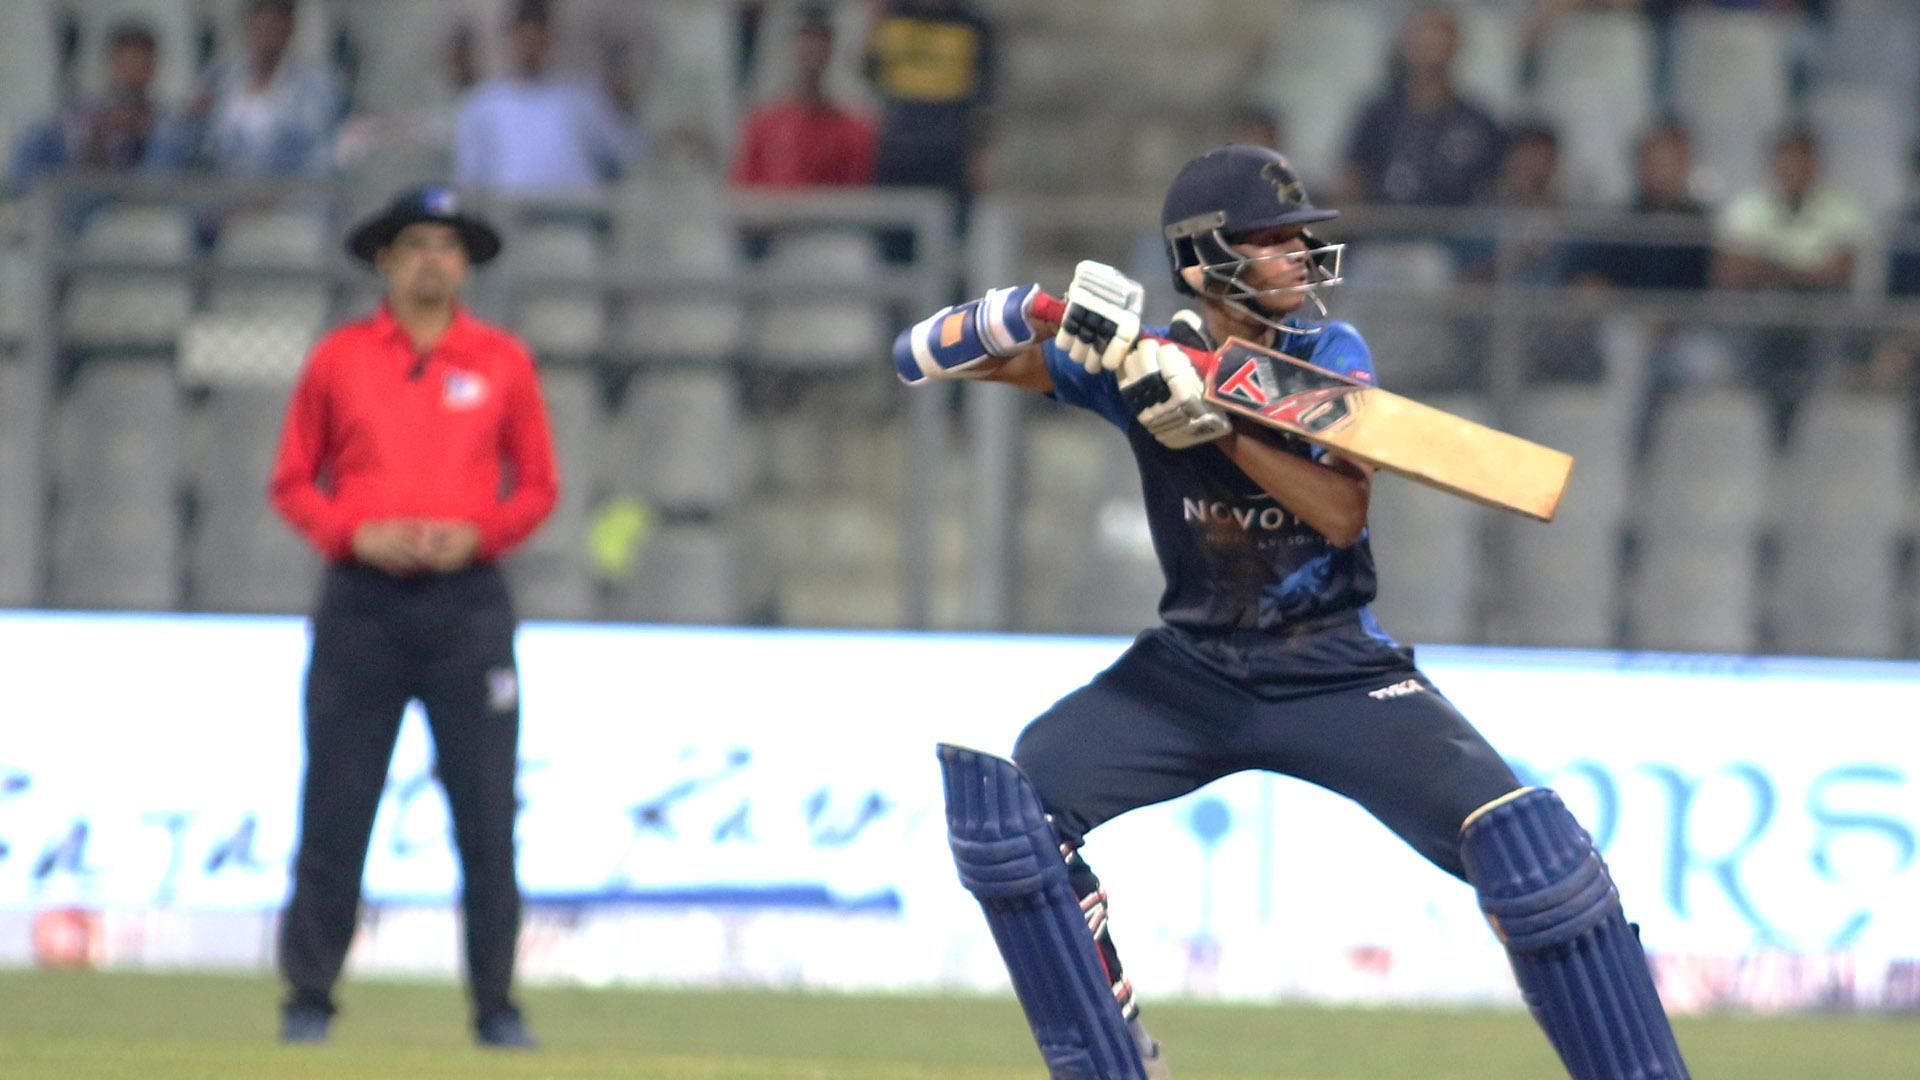 इंडिया अंडर-19 ने दक्षिण अफ्रीका अंडर-19 को 157 रनों से दी करारी शिकस्त, देखें स्कोरबोर्ड